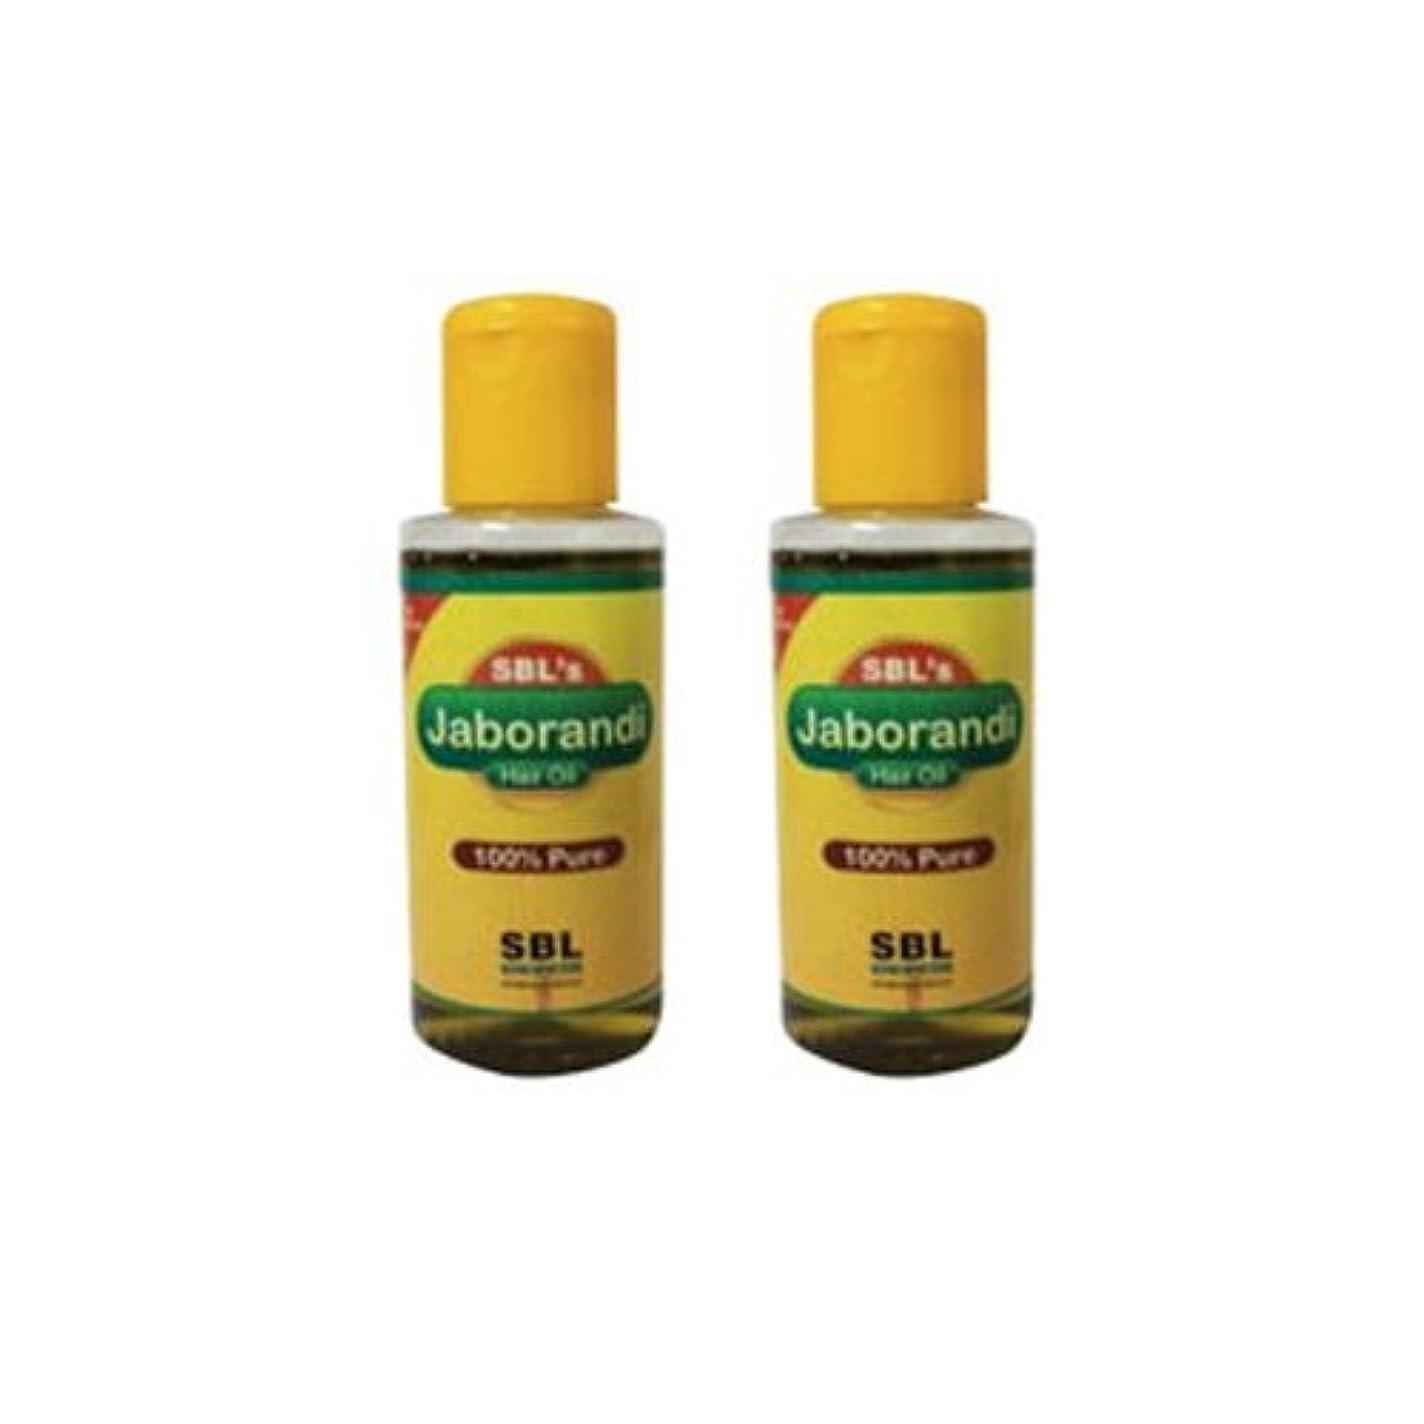 提供された合体口述2 x Jaborandi Hair Oil. Shipping Only By - USPS / FedEX by SBL